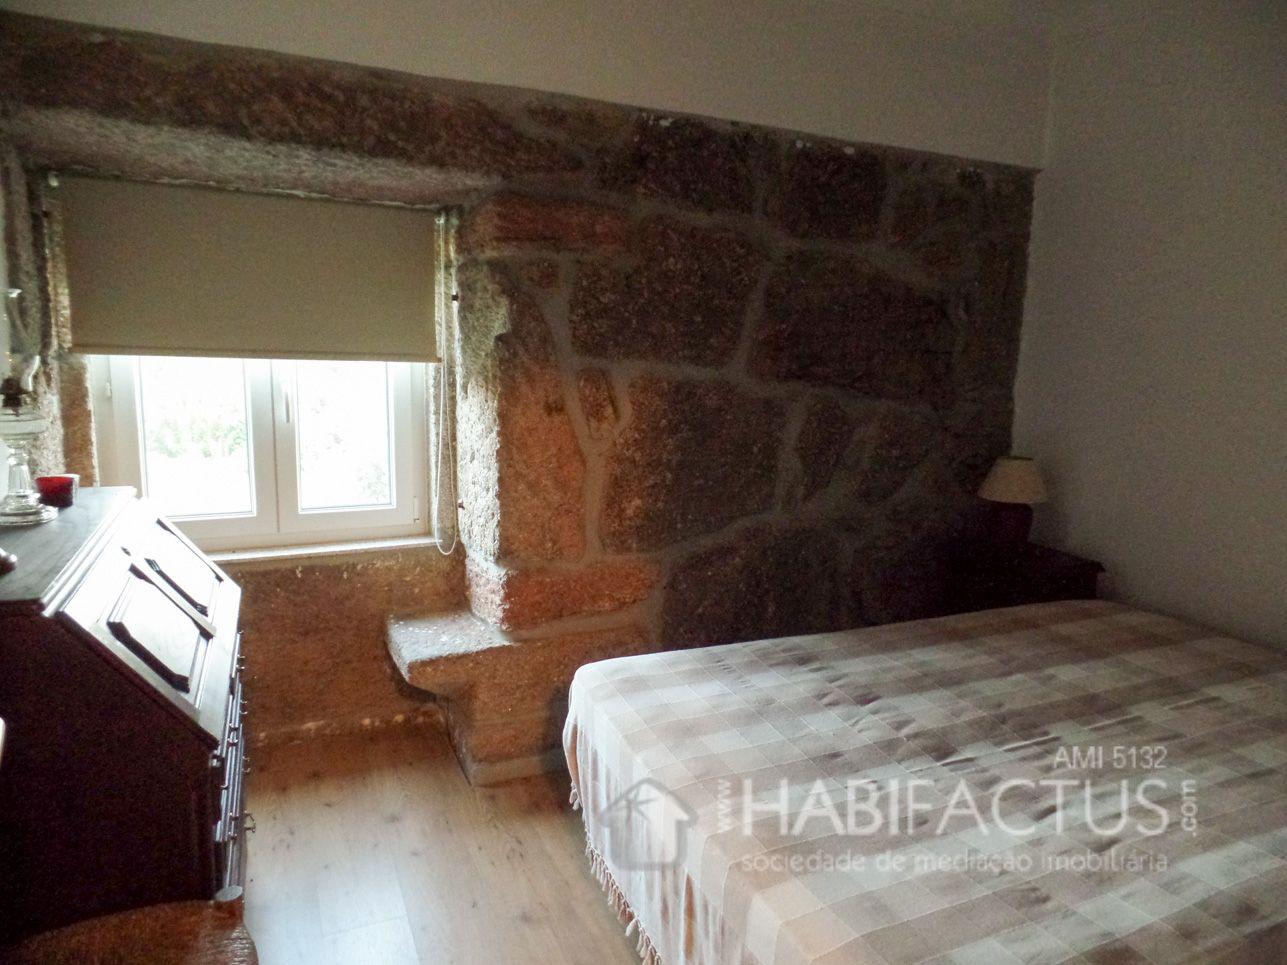 Quinta T5, Viseu, Viseu / Venda / 300000 / Ref. 6968 - Habifactus - Sociedade de Mediação Imobiliária, lda